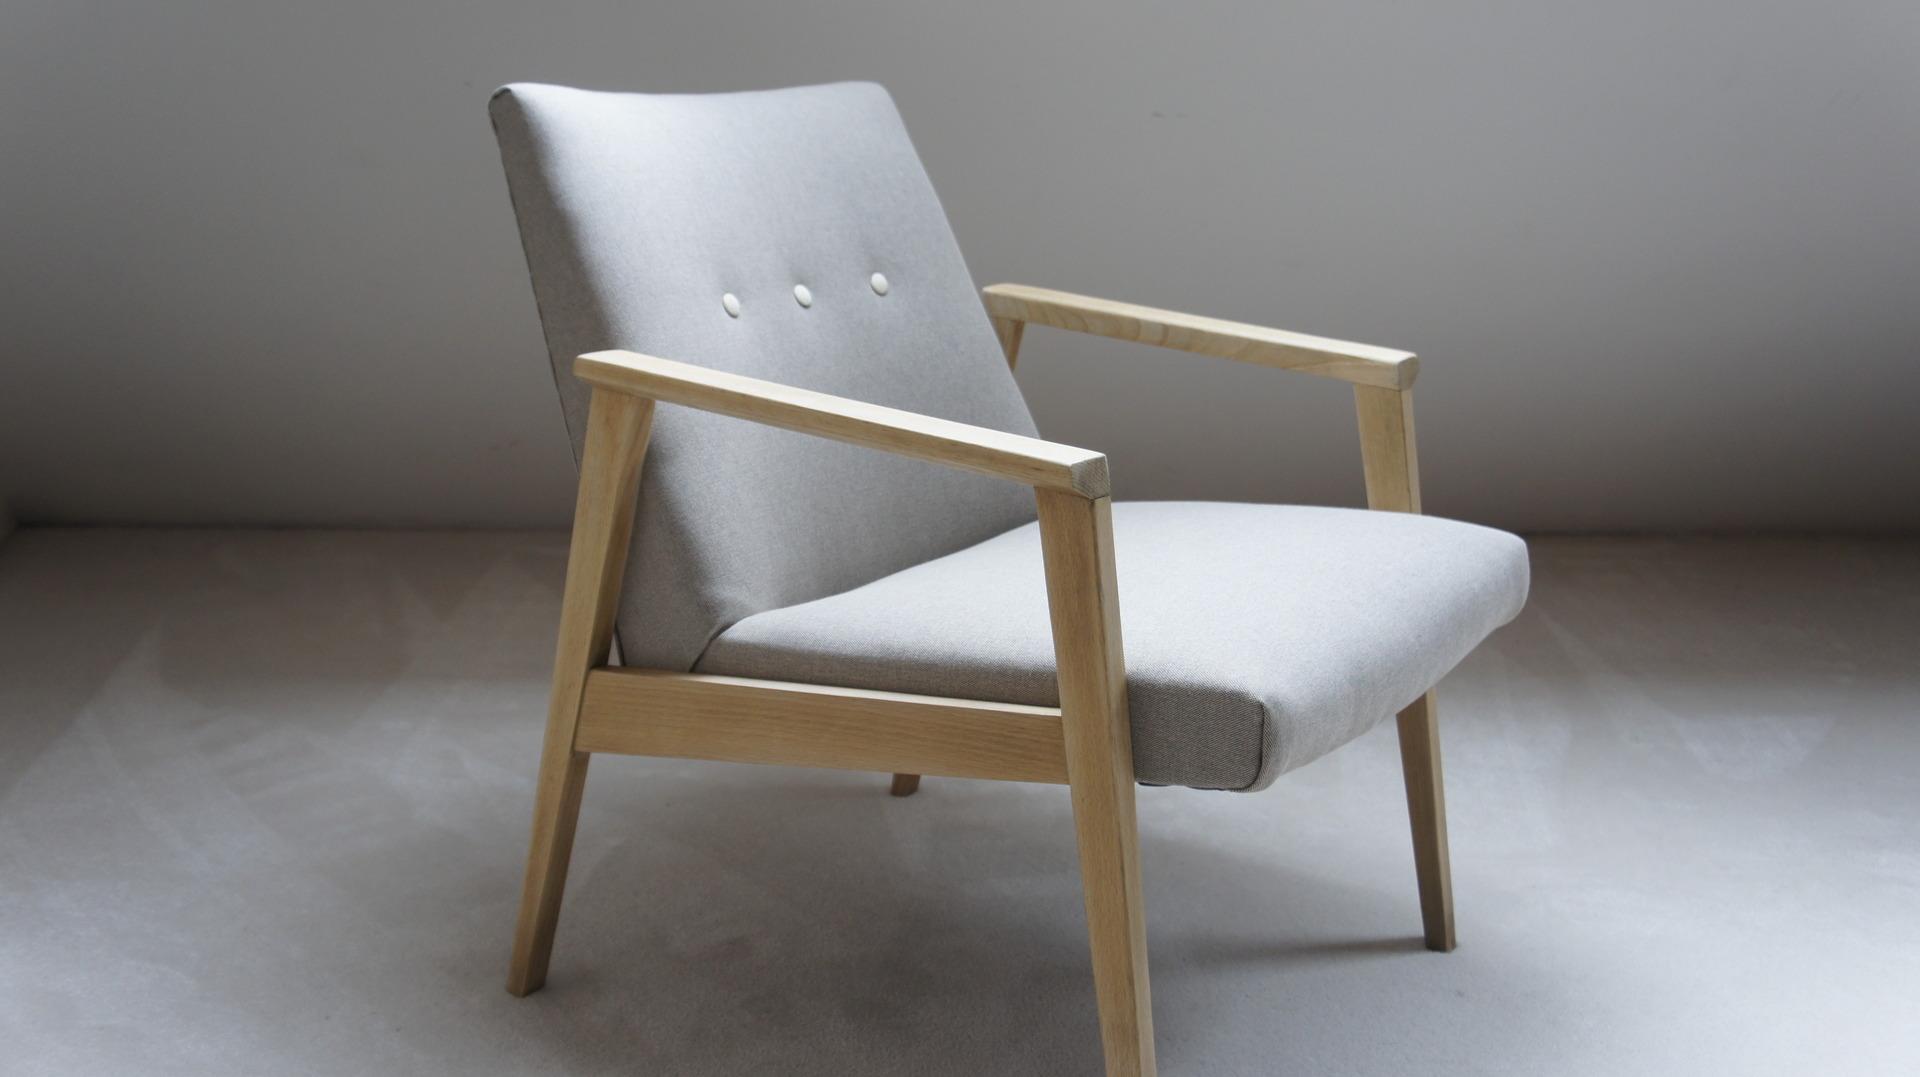 Fauteuil Scandinave Soldes Und Chaise Design Pour Deco Chambre